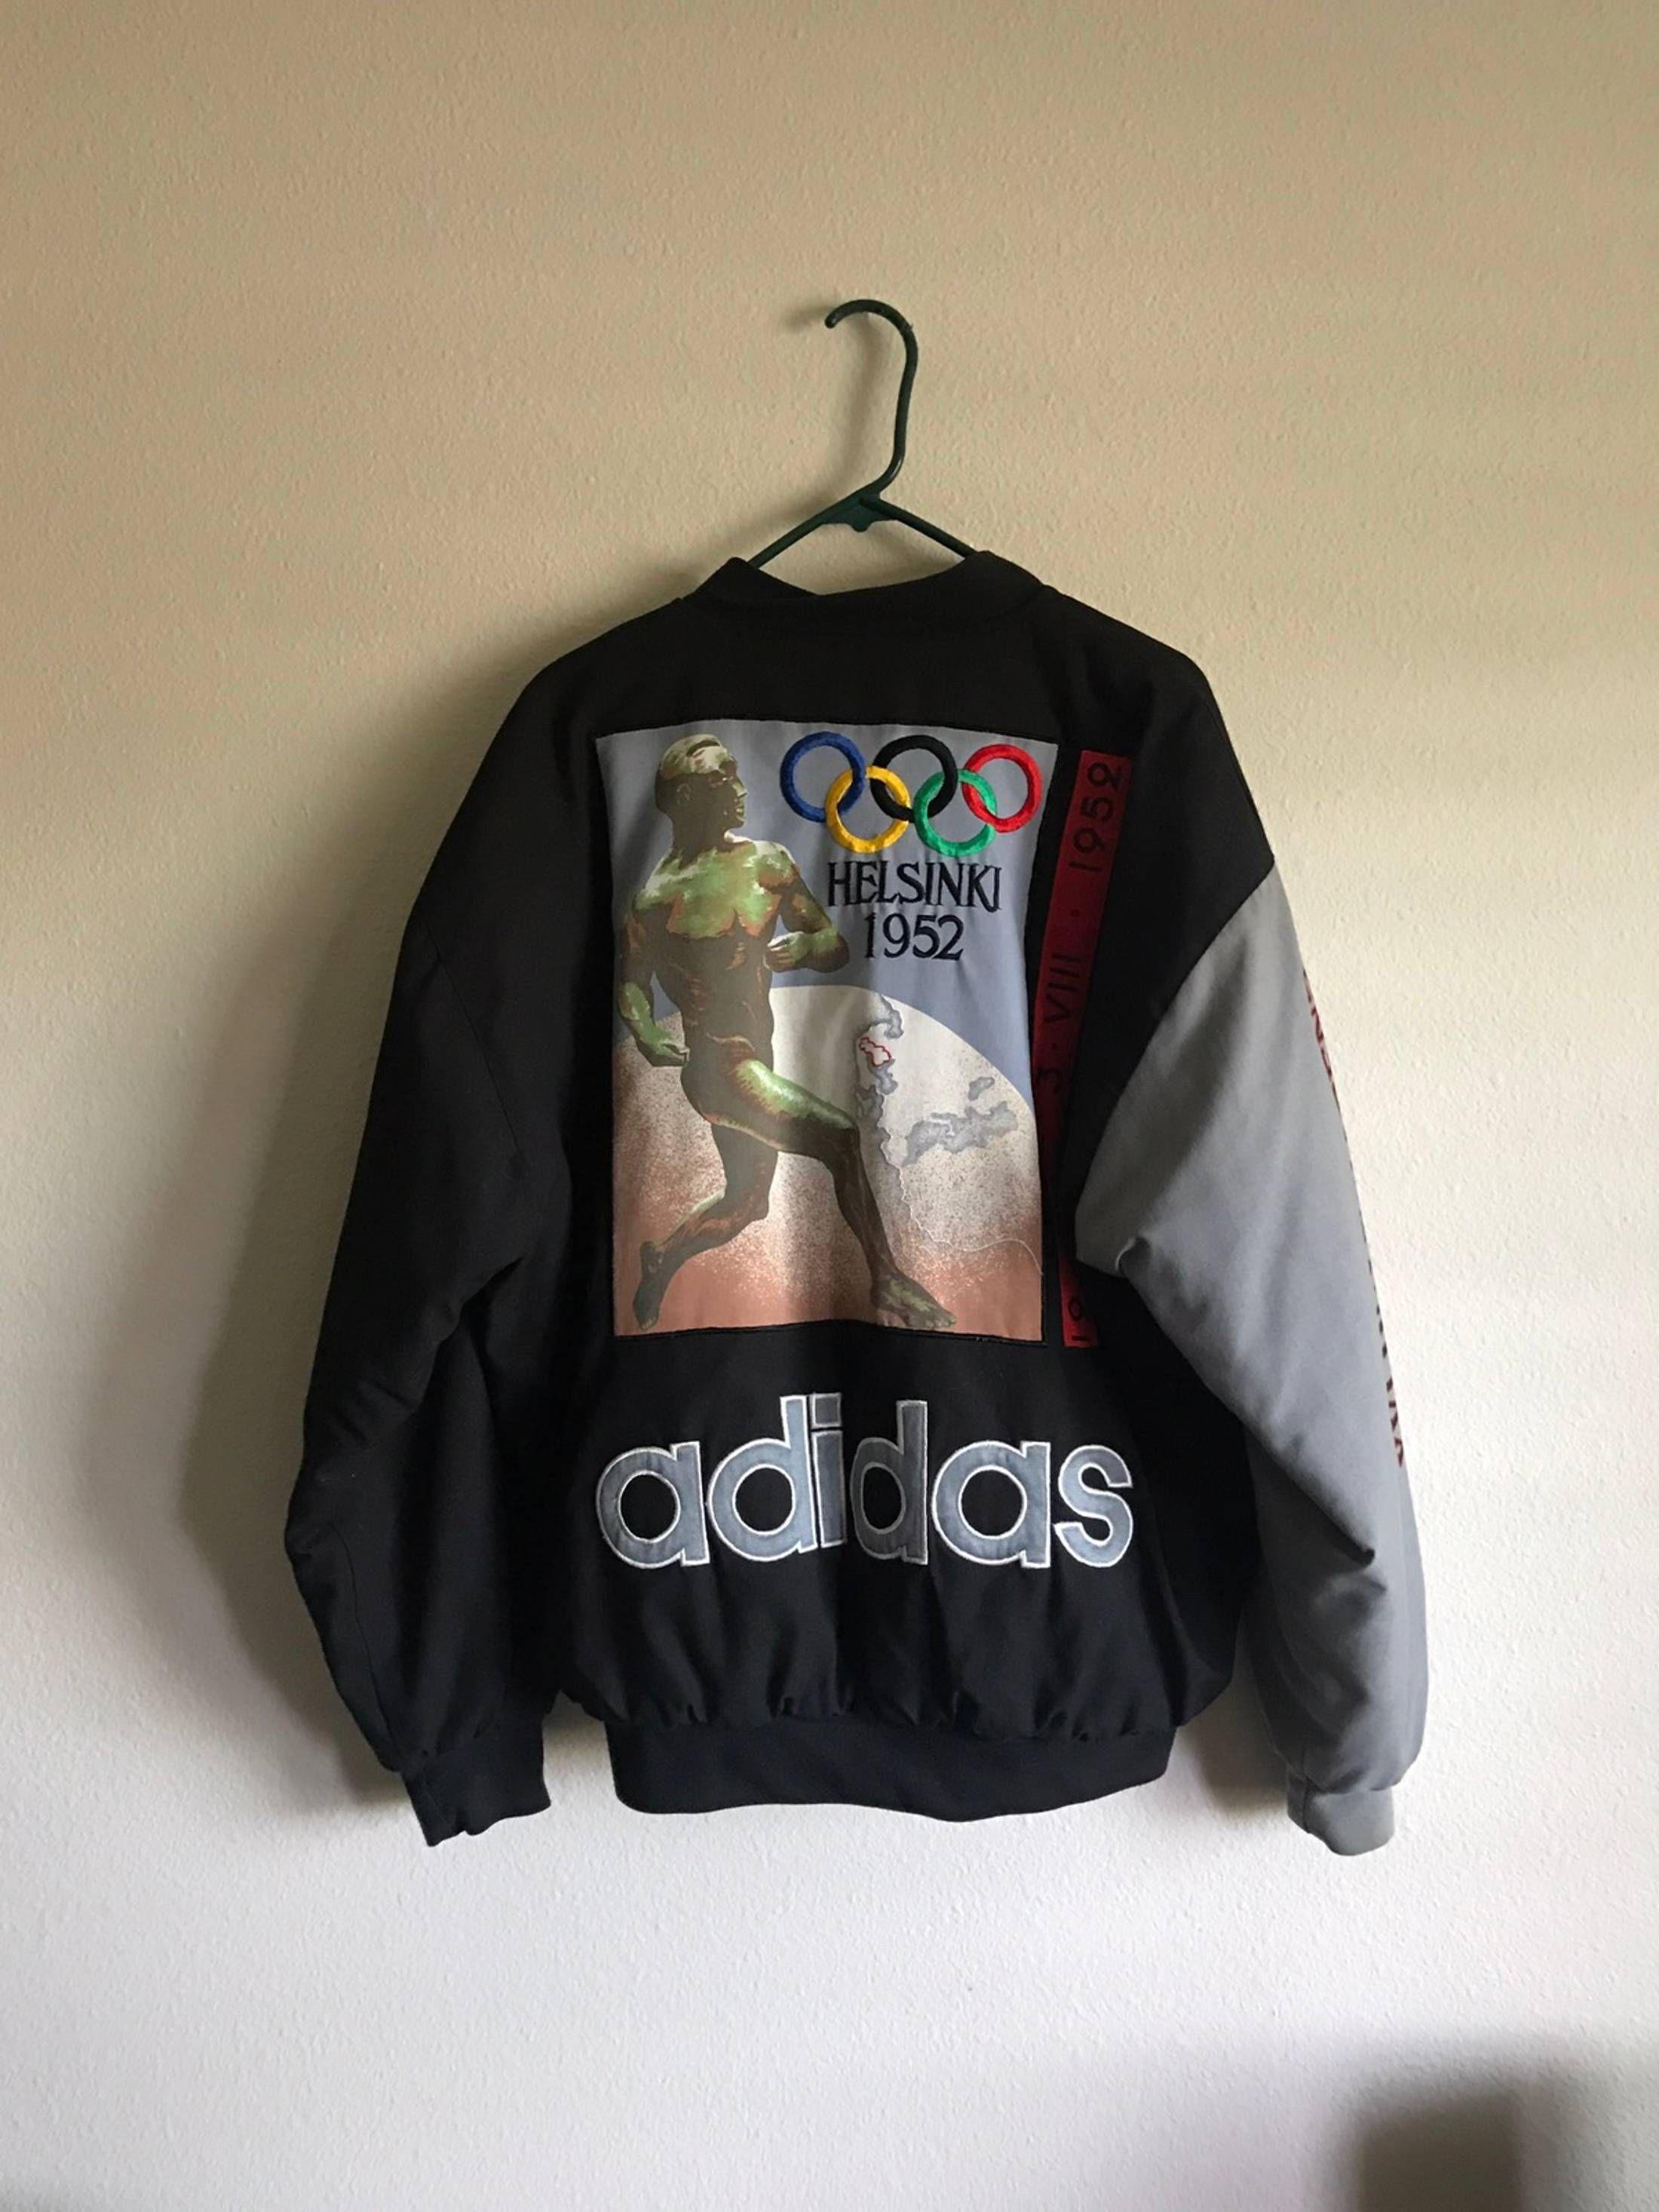 62f2ab74dbbc Adidas Vintage 1952 Helsinki Olympics Jacket Size US L   EU 52-54 ...